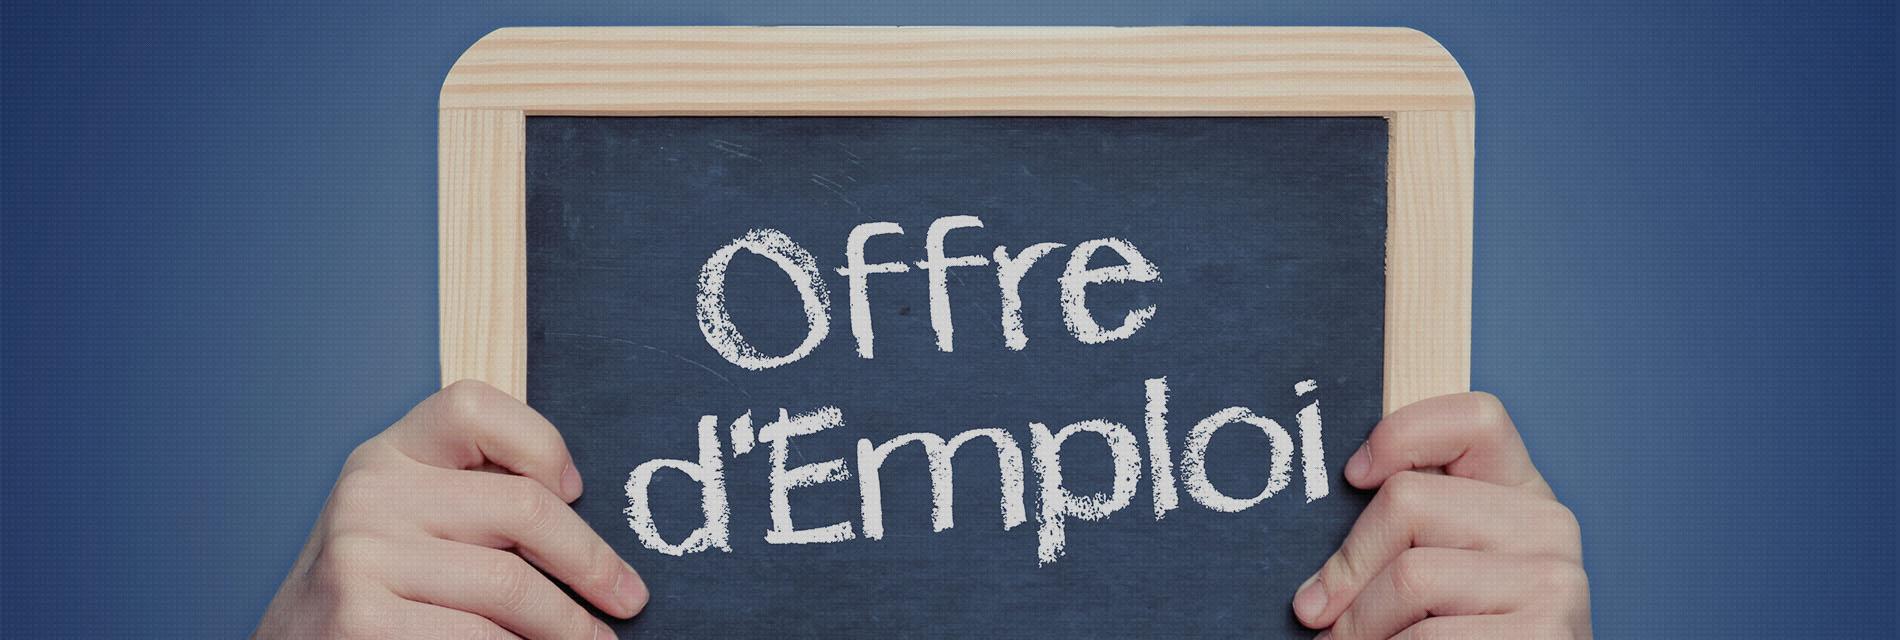 Recrutement Pickmecab - Offre d'emploi !